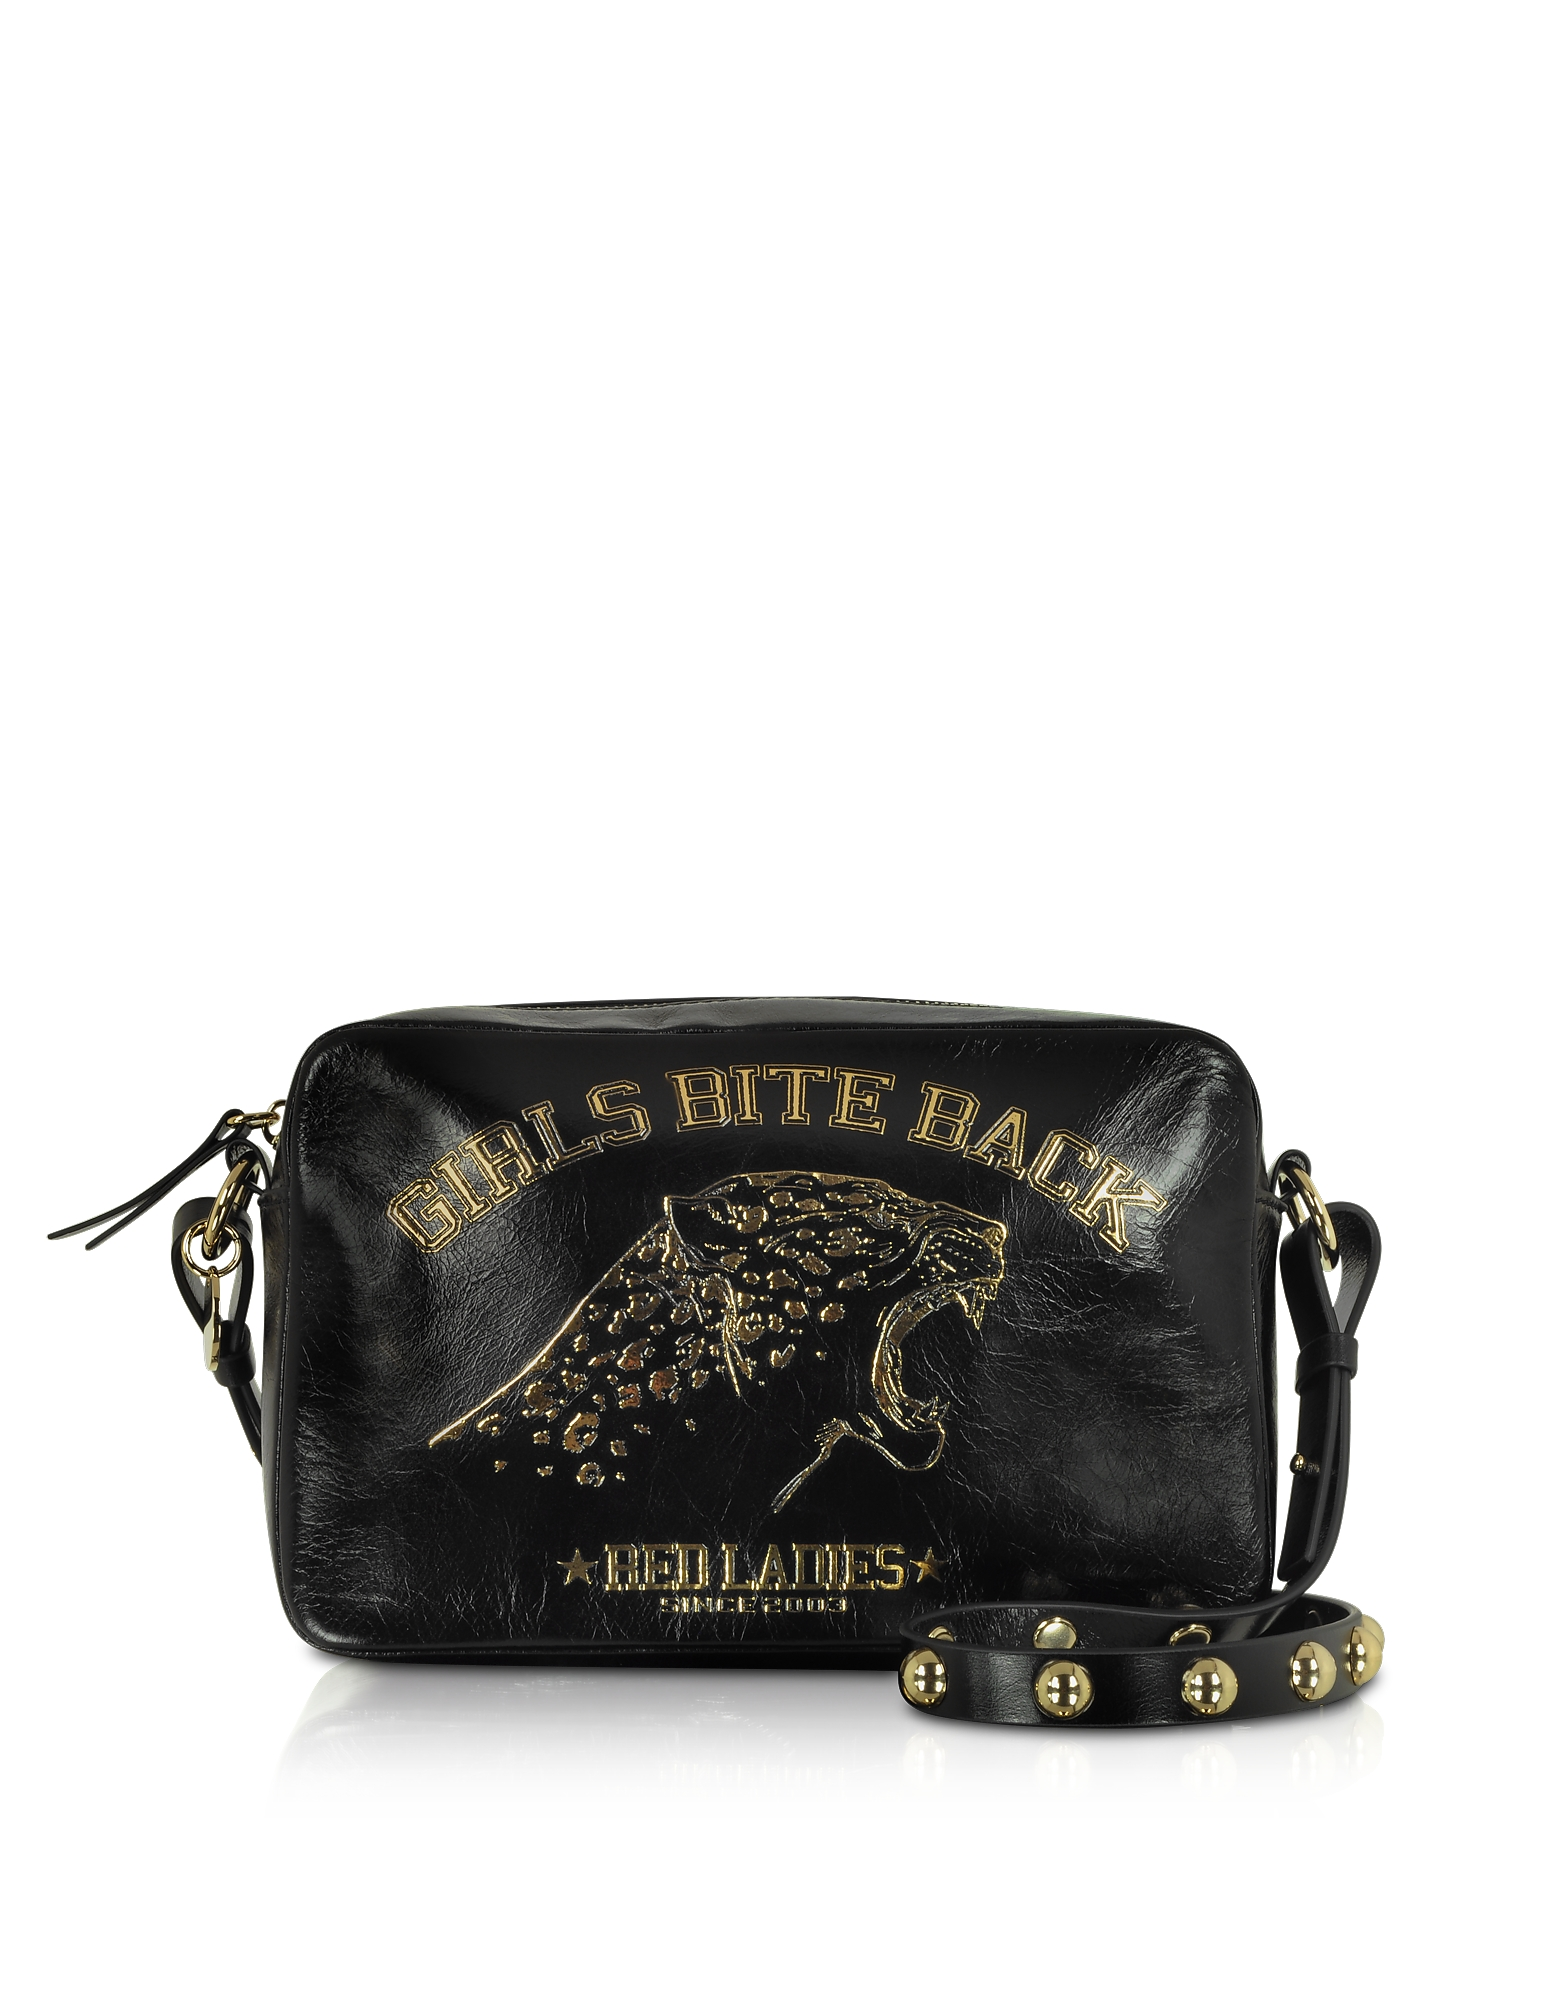 Girls Bite Back Black Crossbody Bag